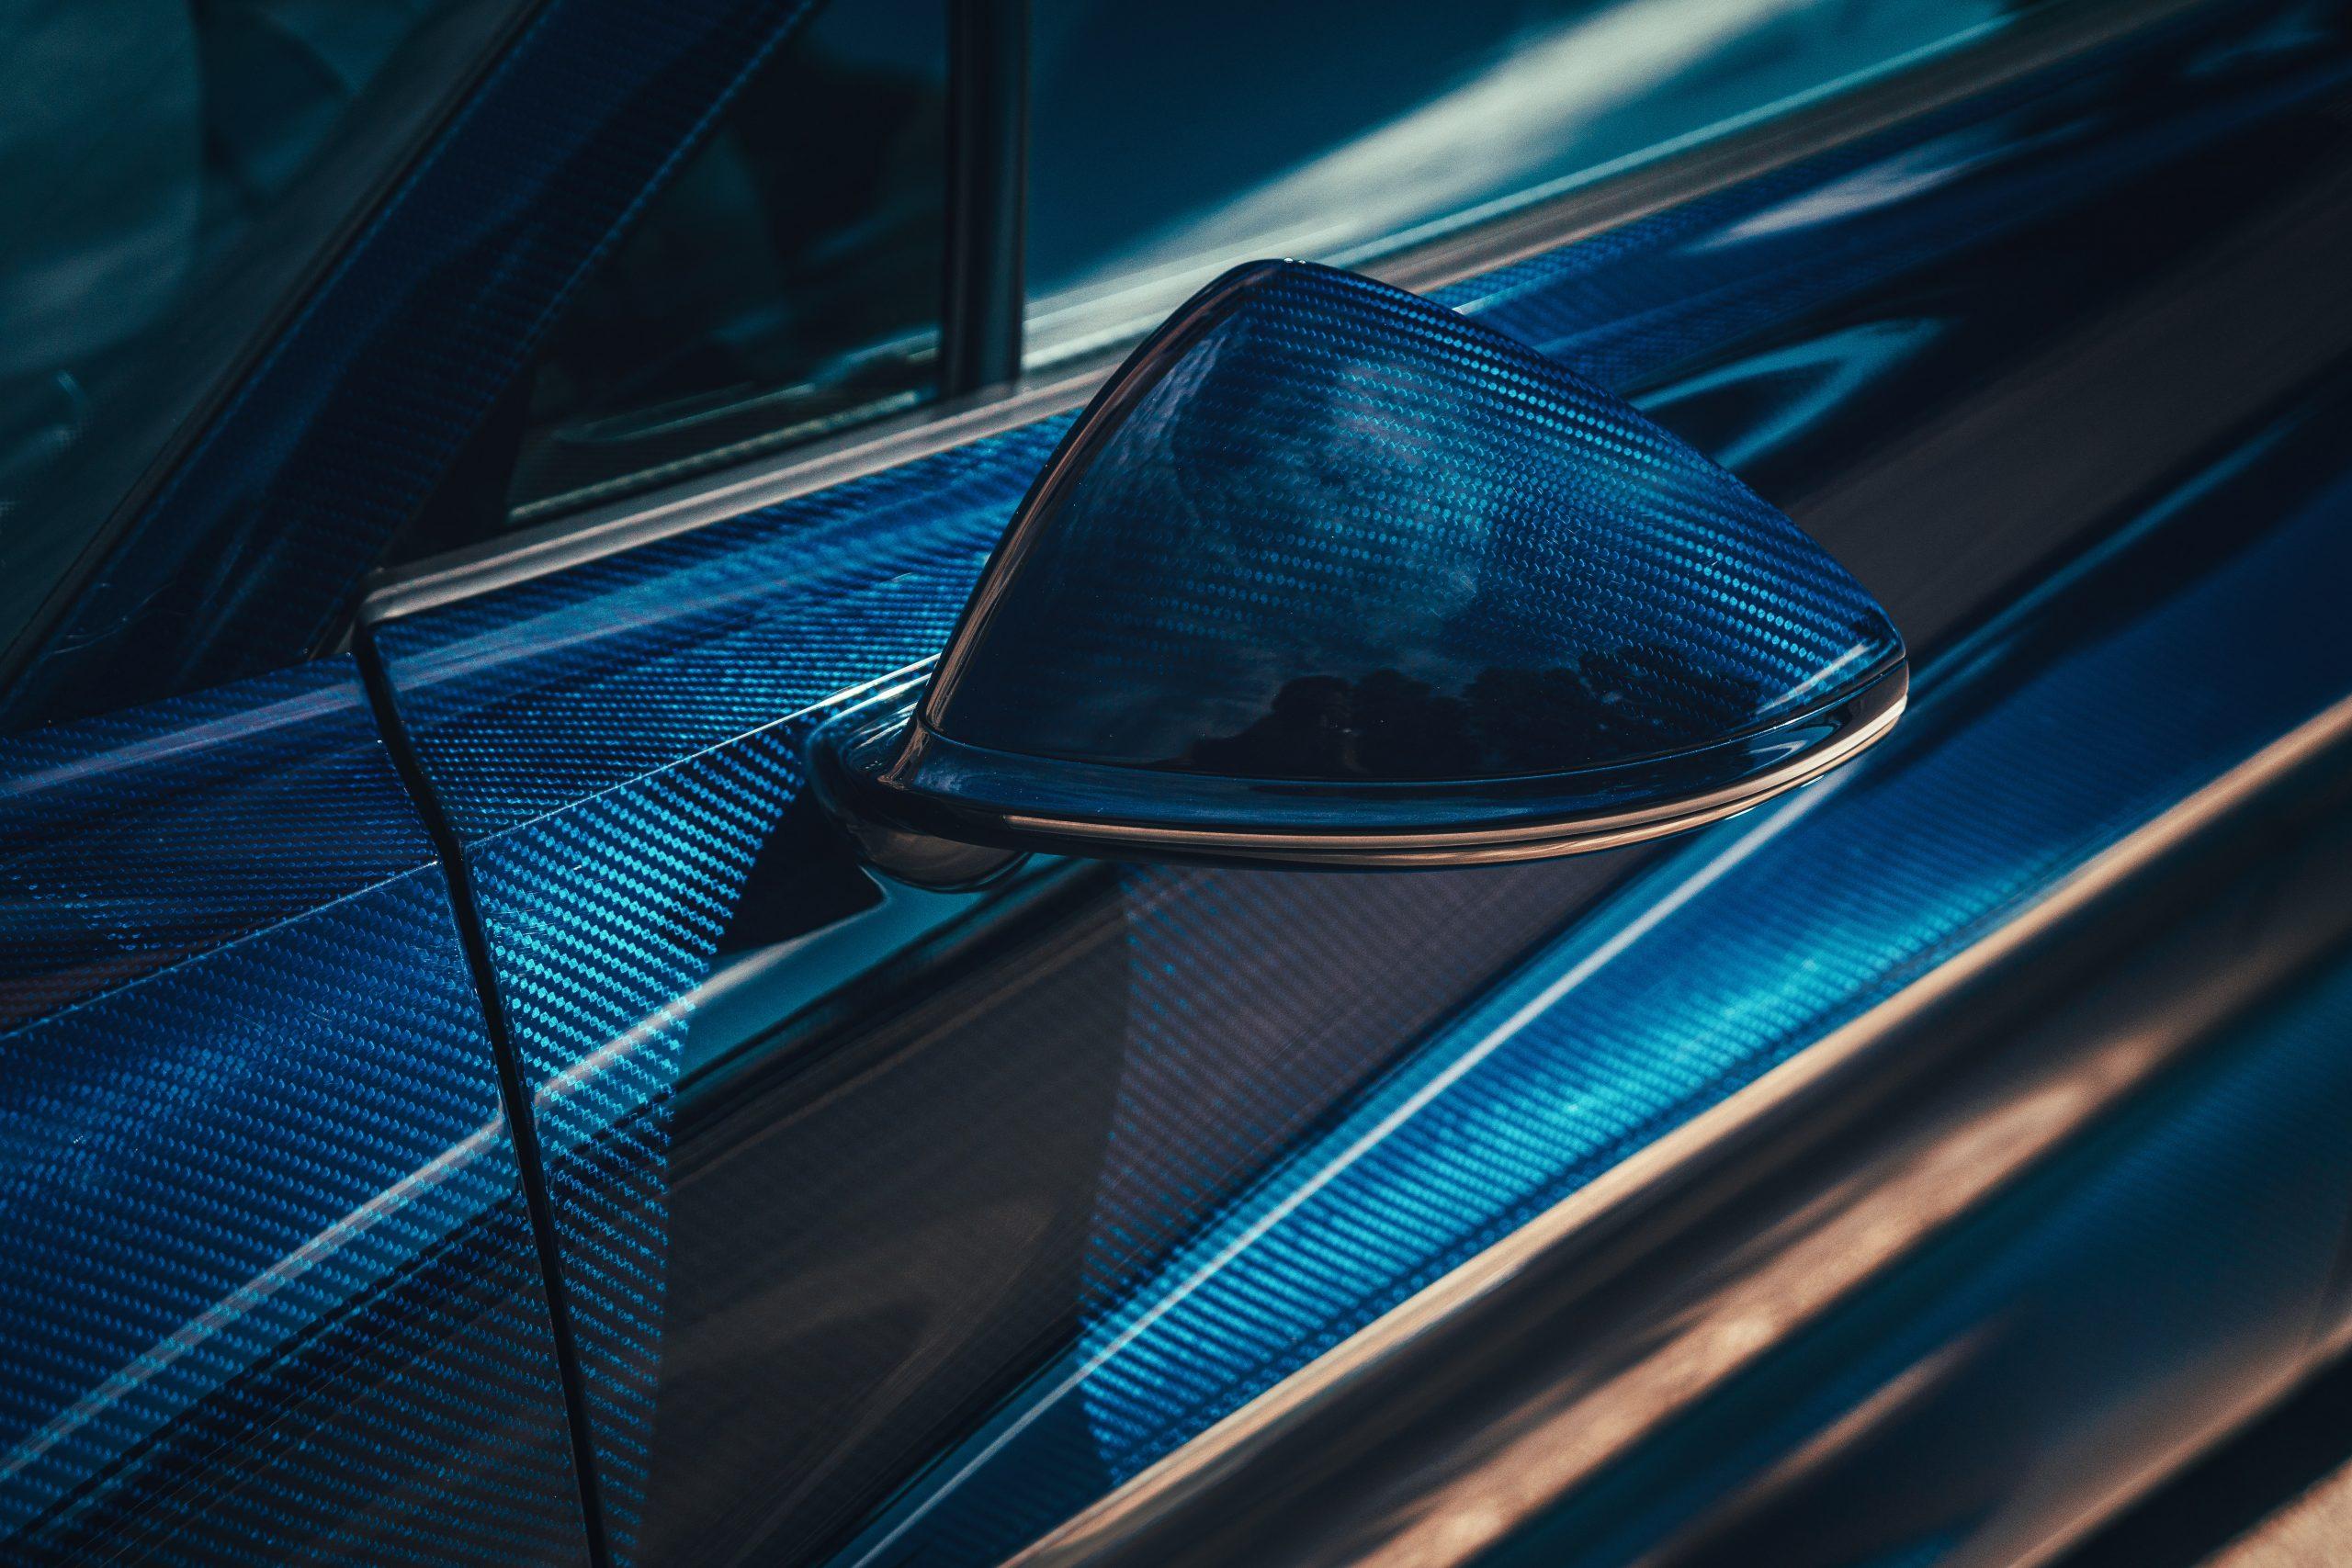 Bugatti Divo blue carbon fiber weave exposed